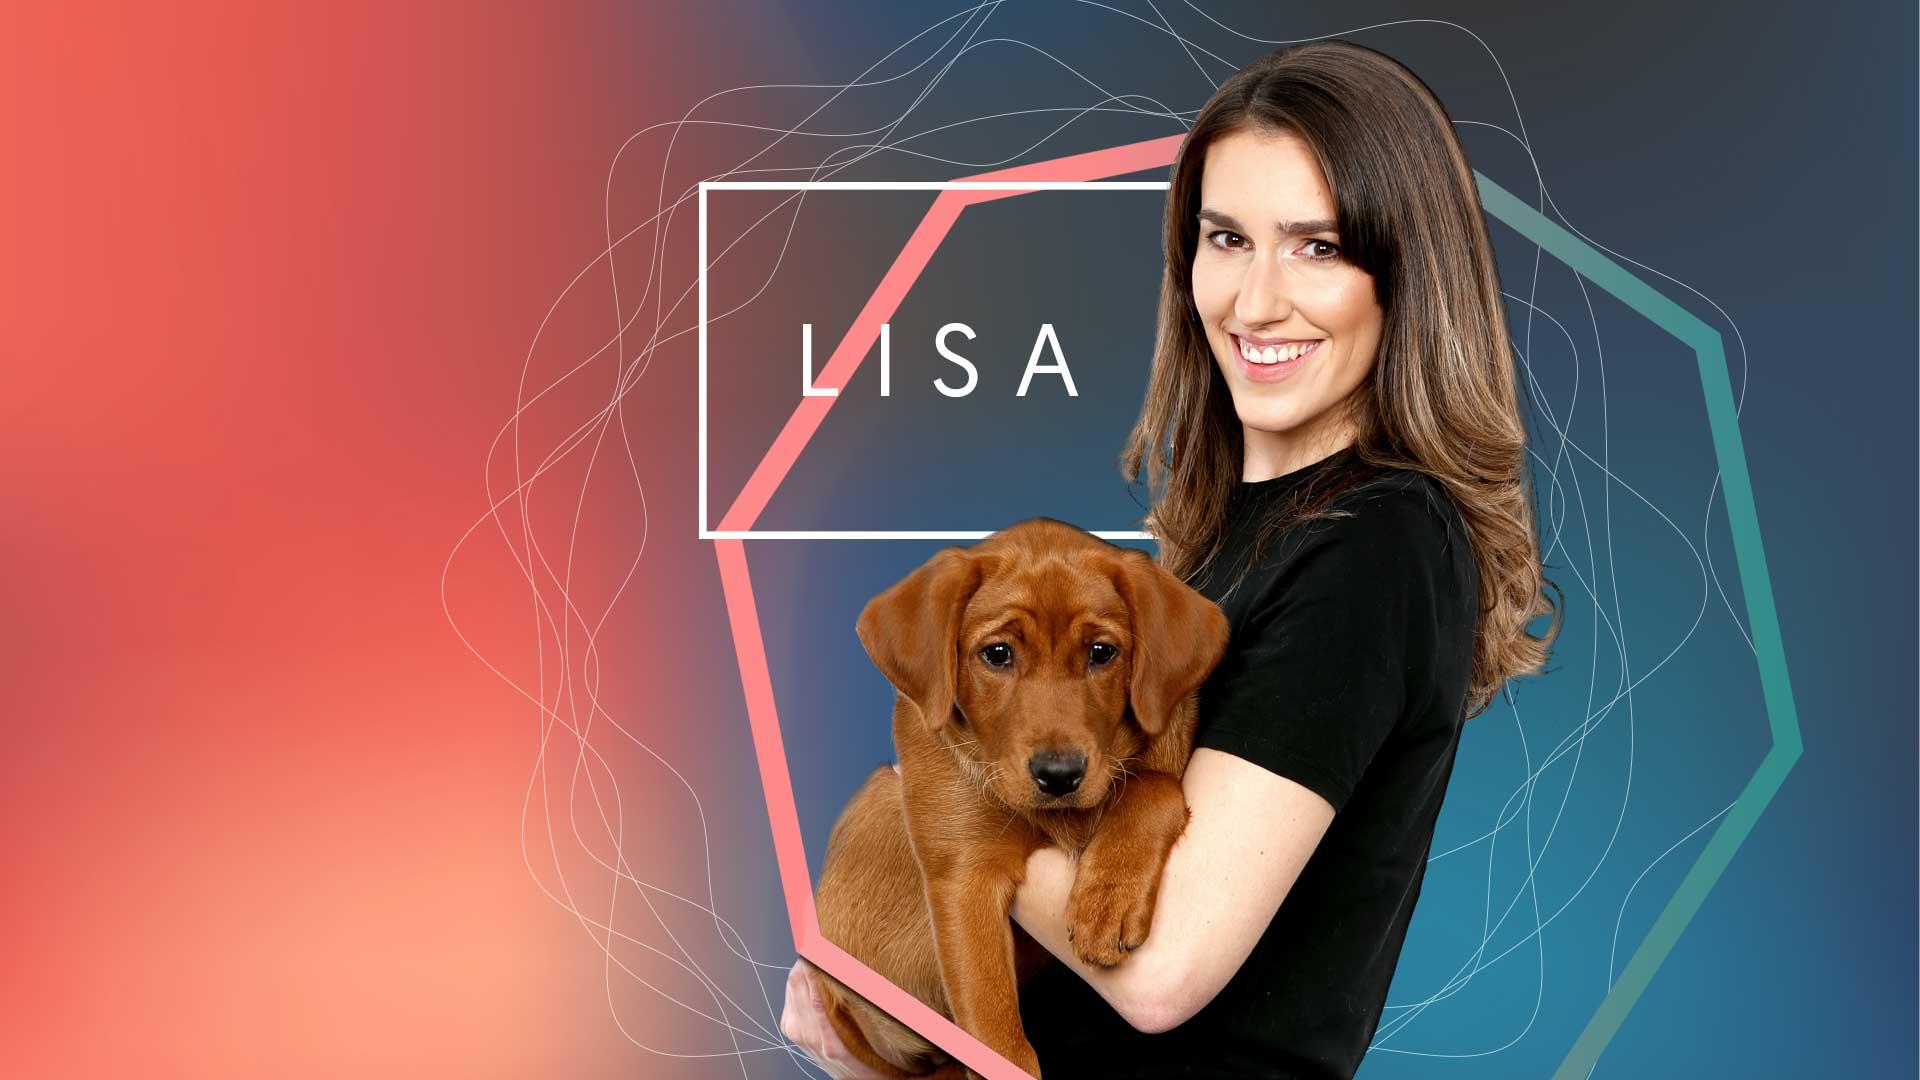 Lisa Mai